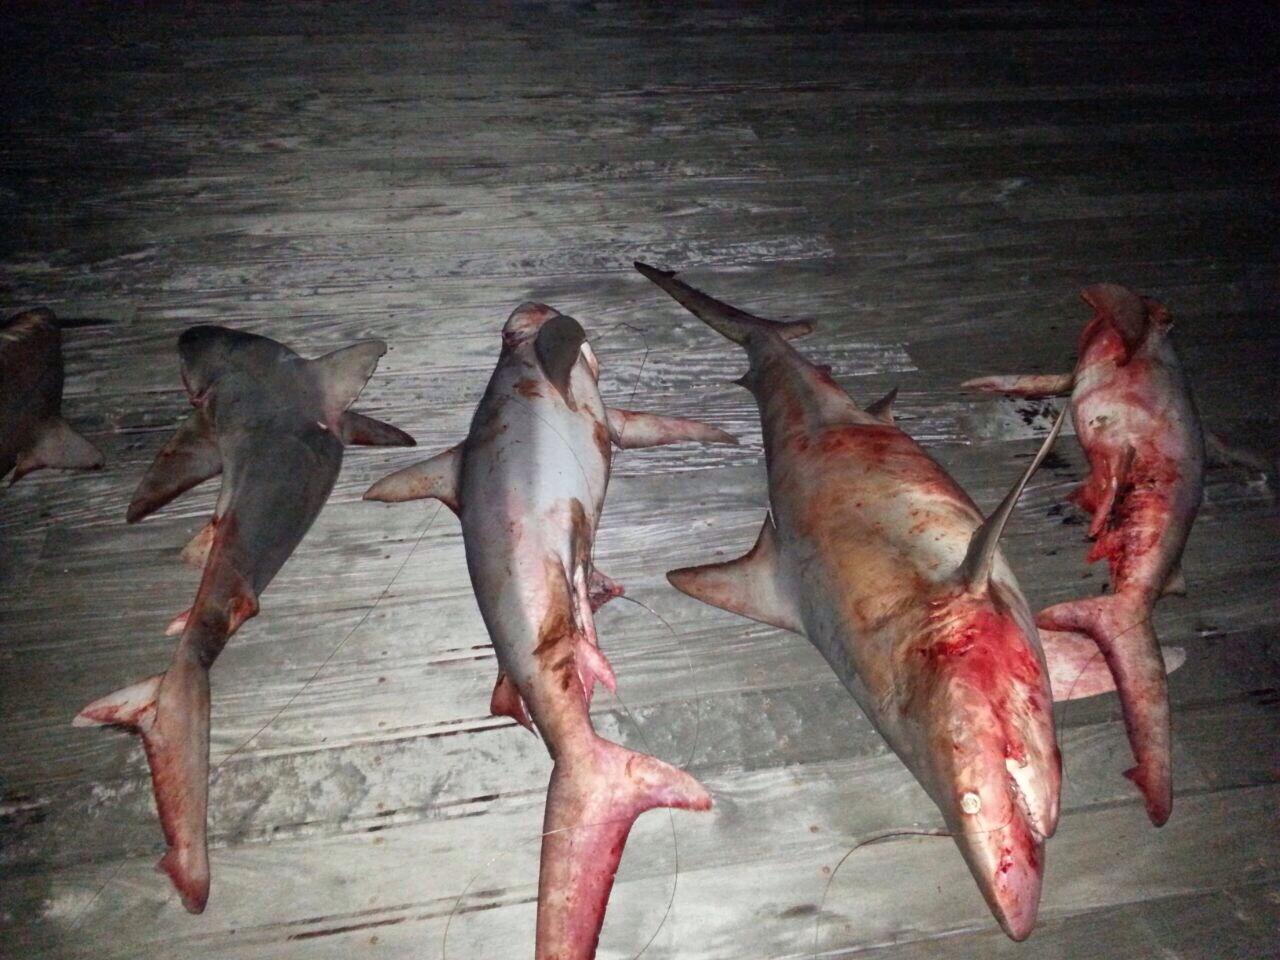 """כרישים שנתפסו החודש בסירת דייגים מול חופי ת""""א (צילום: רשות הטבע והגנים) (צילום: רשות הטבע והגנים)"""